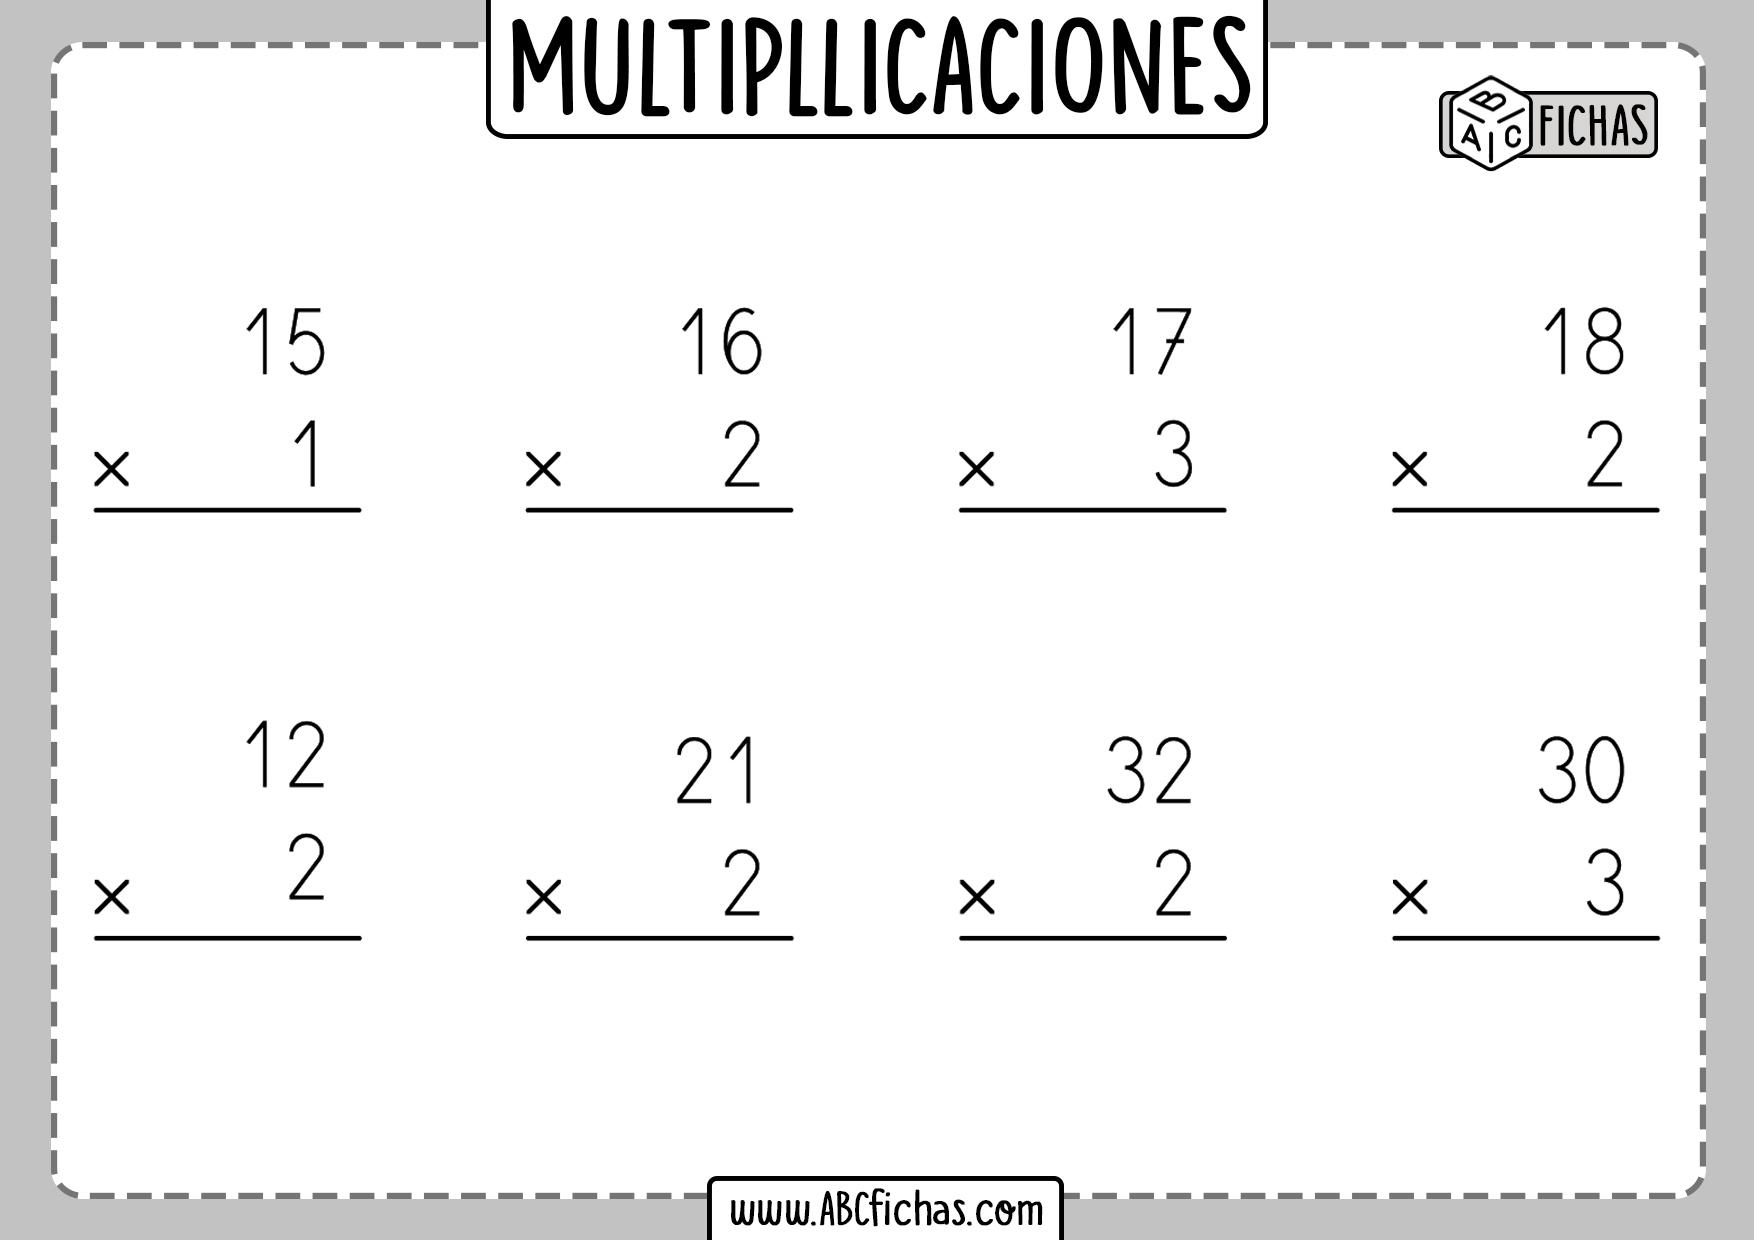 Fichas de multiplicaciones para imprimir de 1 cifra